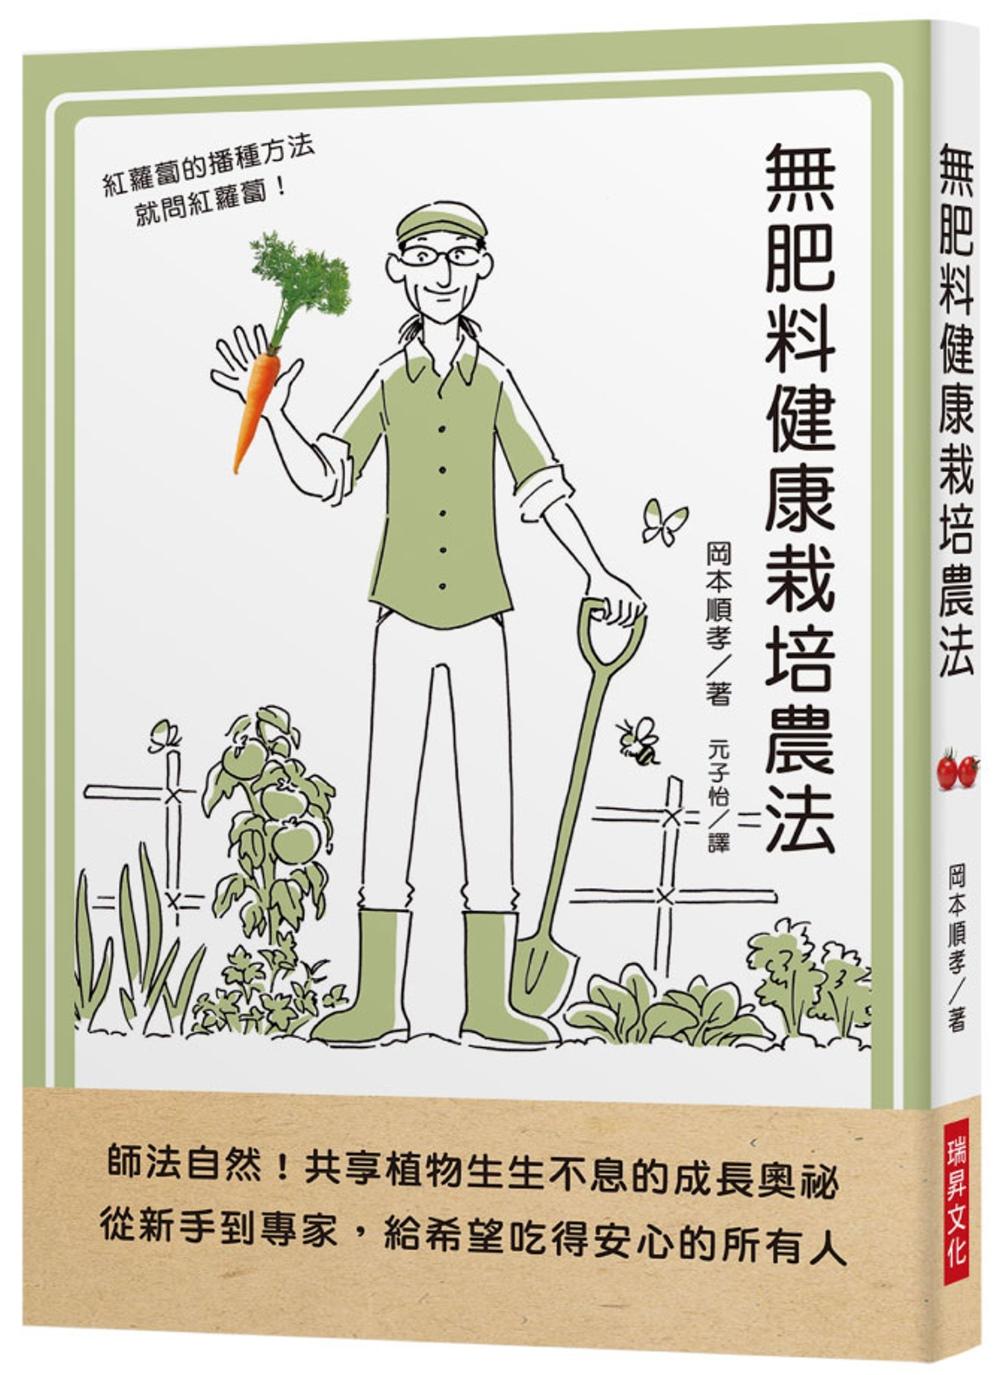 無肥料健康栽培農法:師法自然!共享植物生生不息的成長奧祕。從新手到專家,給希望吃得安心的所有人